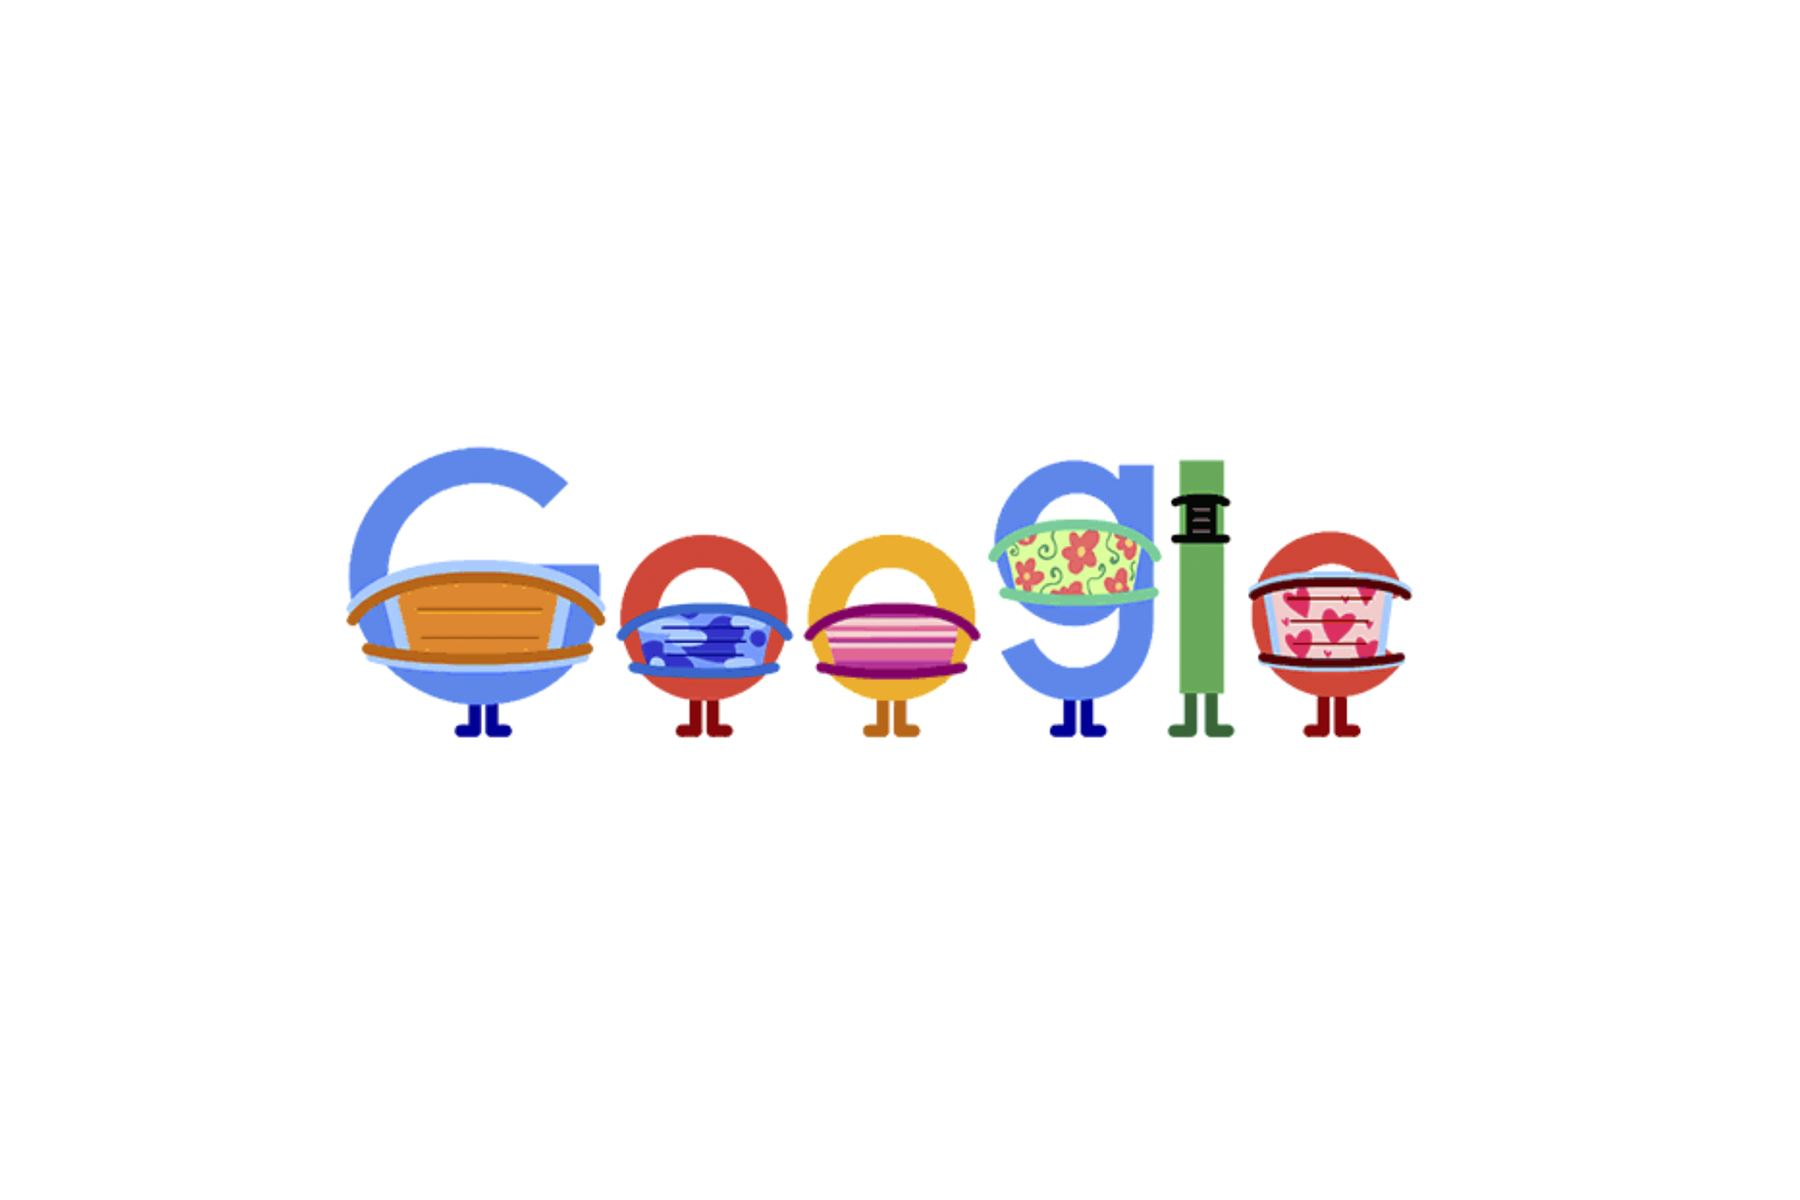 El nuevo doodle de Google está disponible en las Américas.